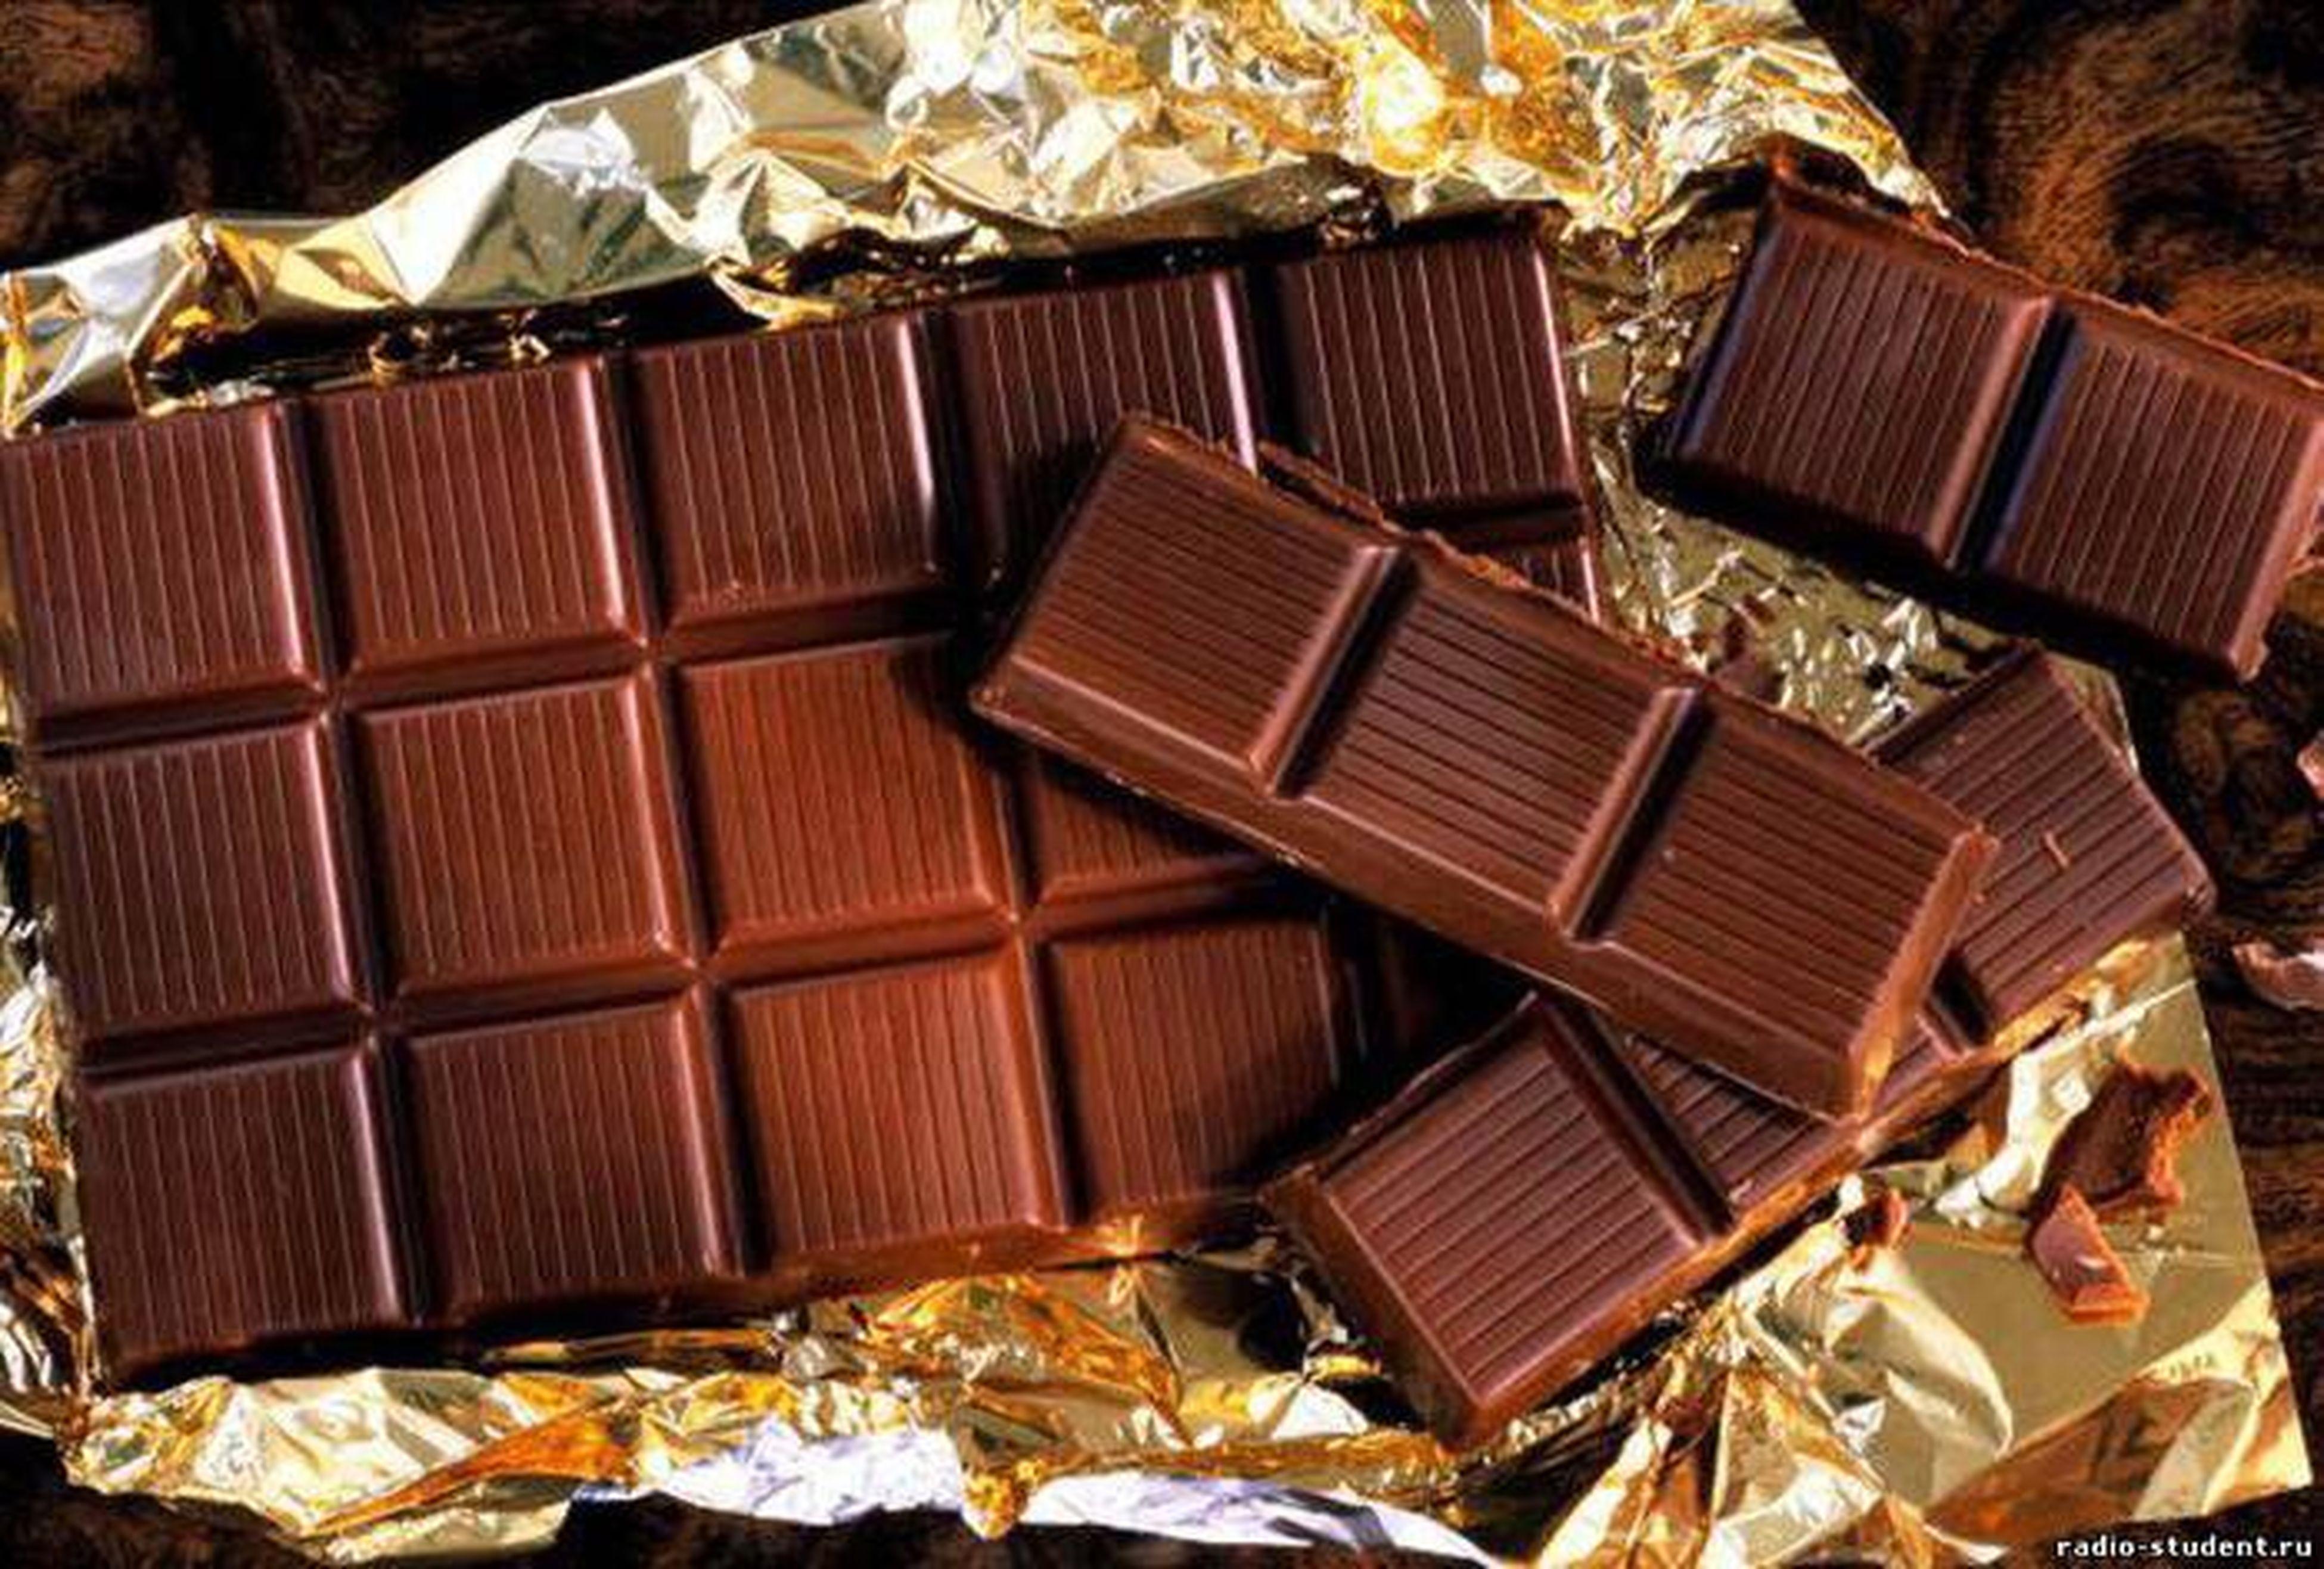 Шоколад делают из какао. Какао-растение! Следовательно, шоколад-это салат!☝️? салатрастижопа неслипнецца нетреснет